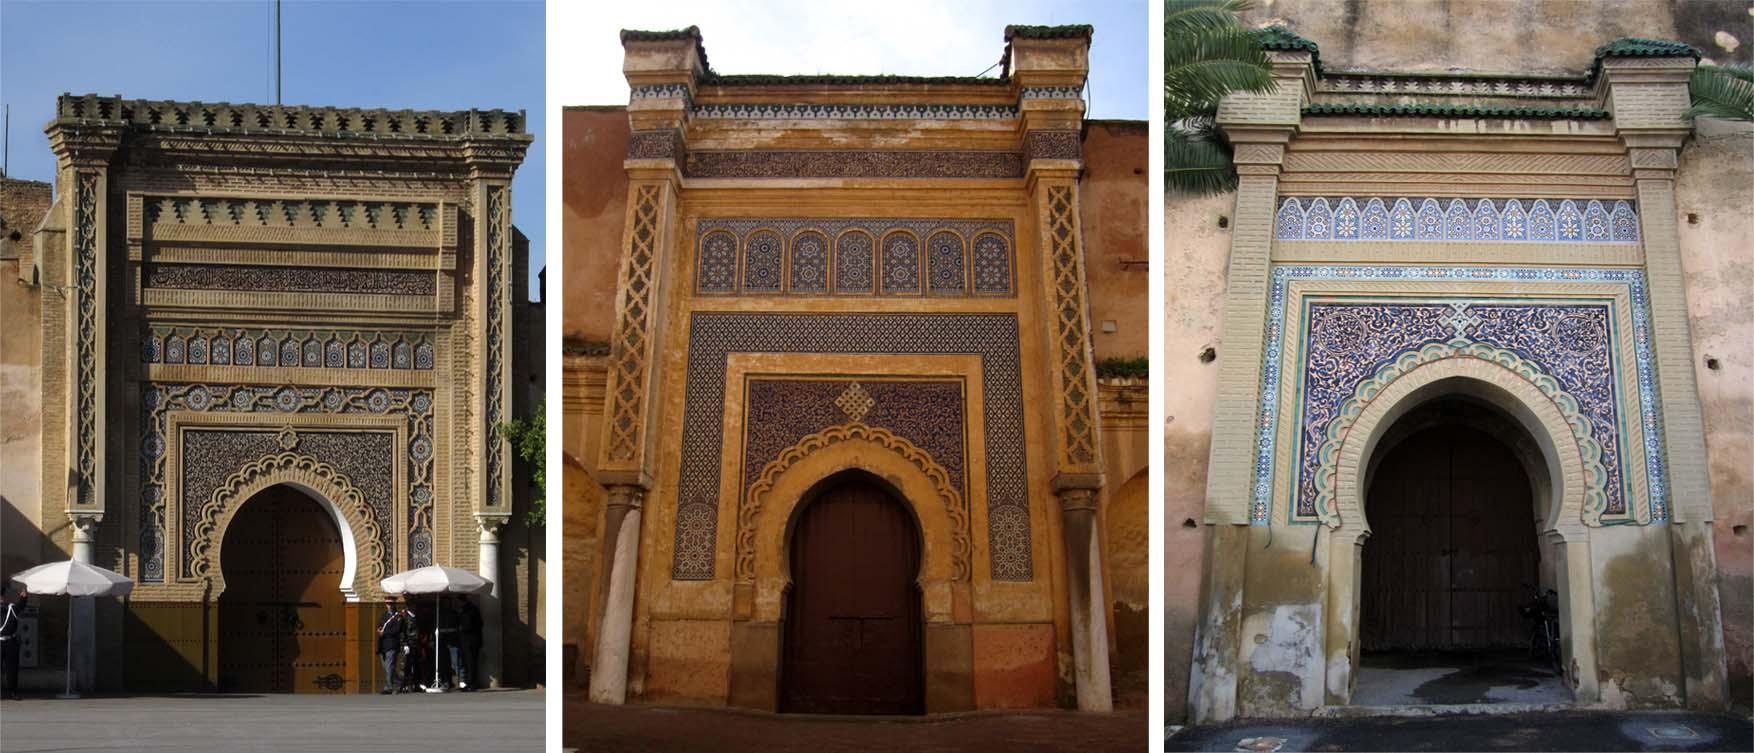 152 maroko meknes uz zidine ka kraljevskoj konjusnici